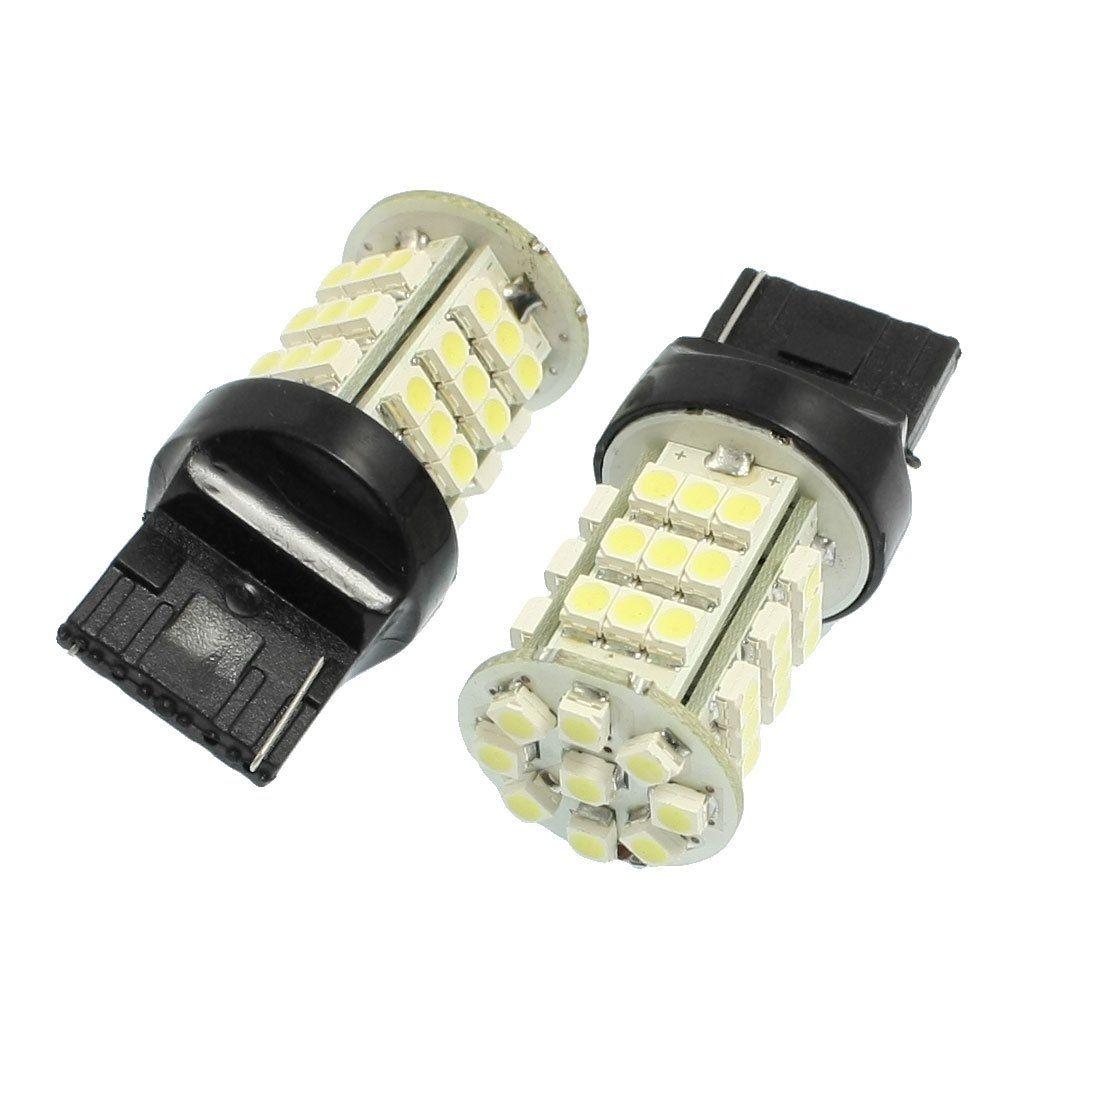 2 Pcs Car White 1210 3528 SMD 45-LED 7440 Backup Reverse Light Lamp Bulb